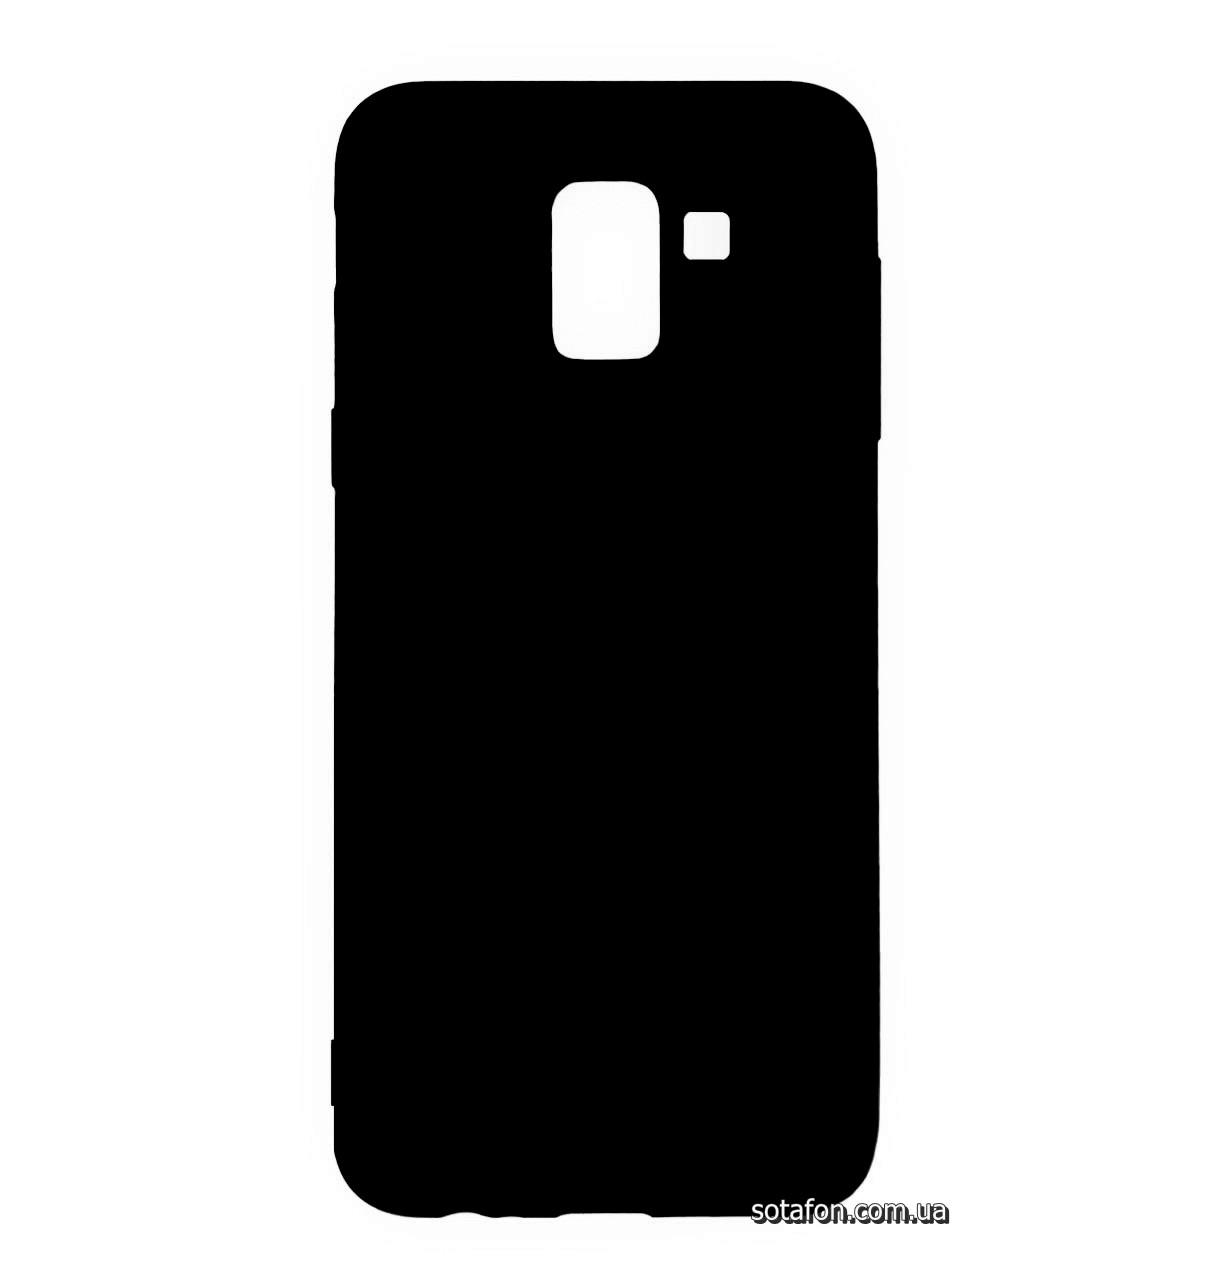 Силиконовый чехол Candy на Samsung Galaxy J6 (2018) SM-J600F Black